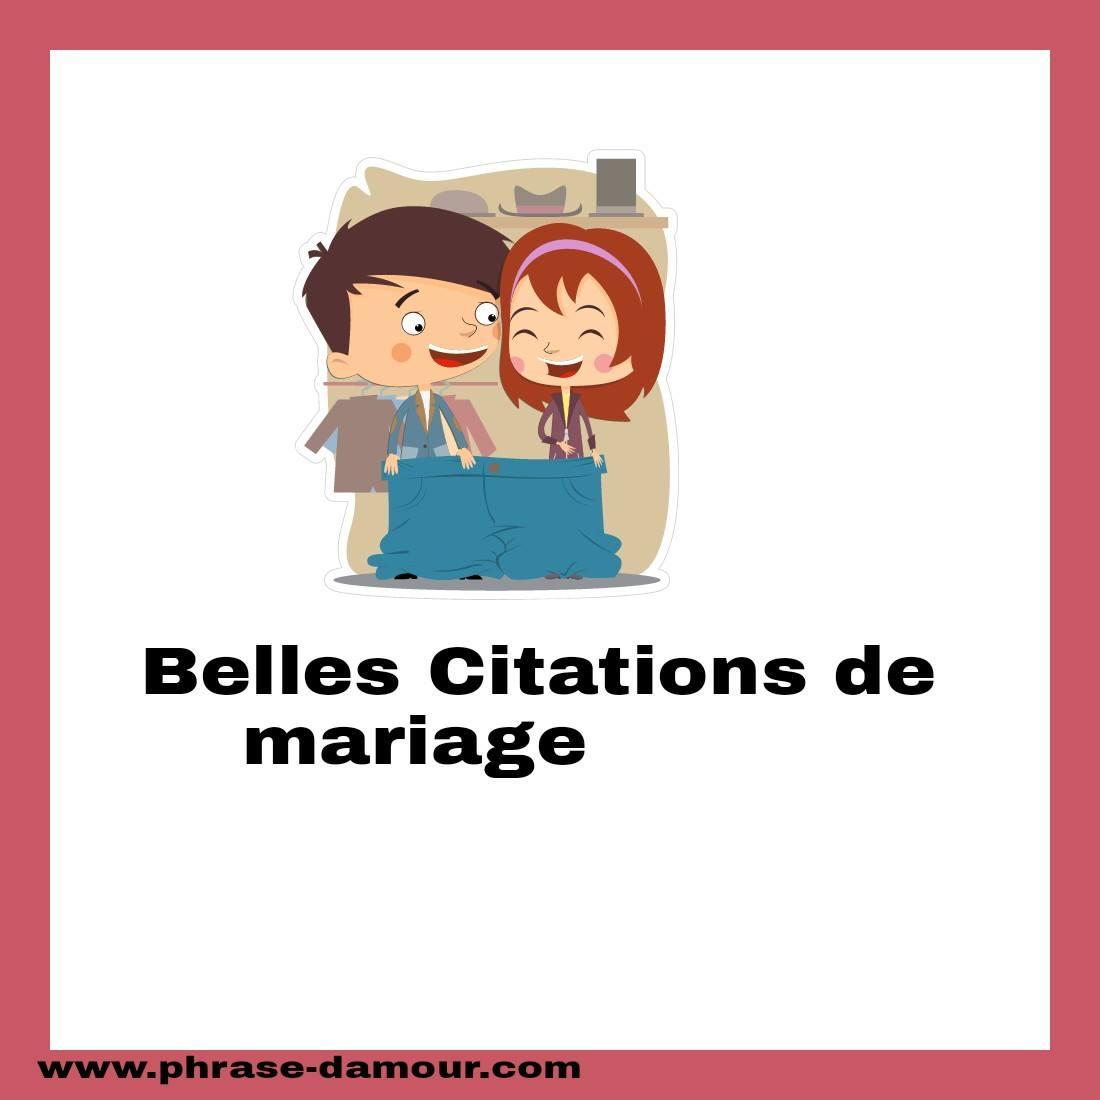 Belles Citations De Mariage Phrase Damour Les